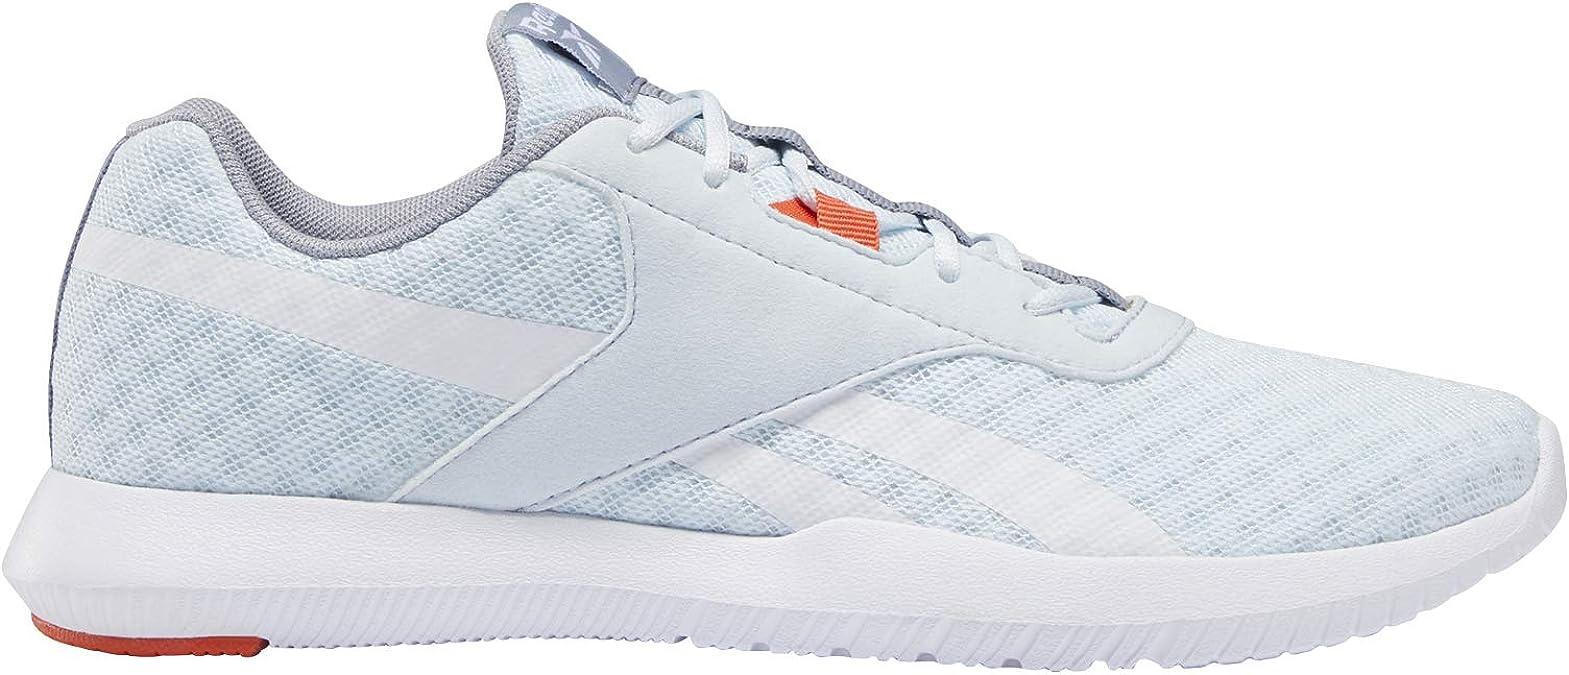 Reebok Reago Essential 2.0, Zapatillas de Deporte para Mujer: Amazon.es: Zapatos y complementos